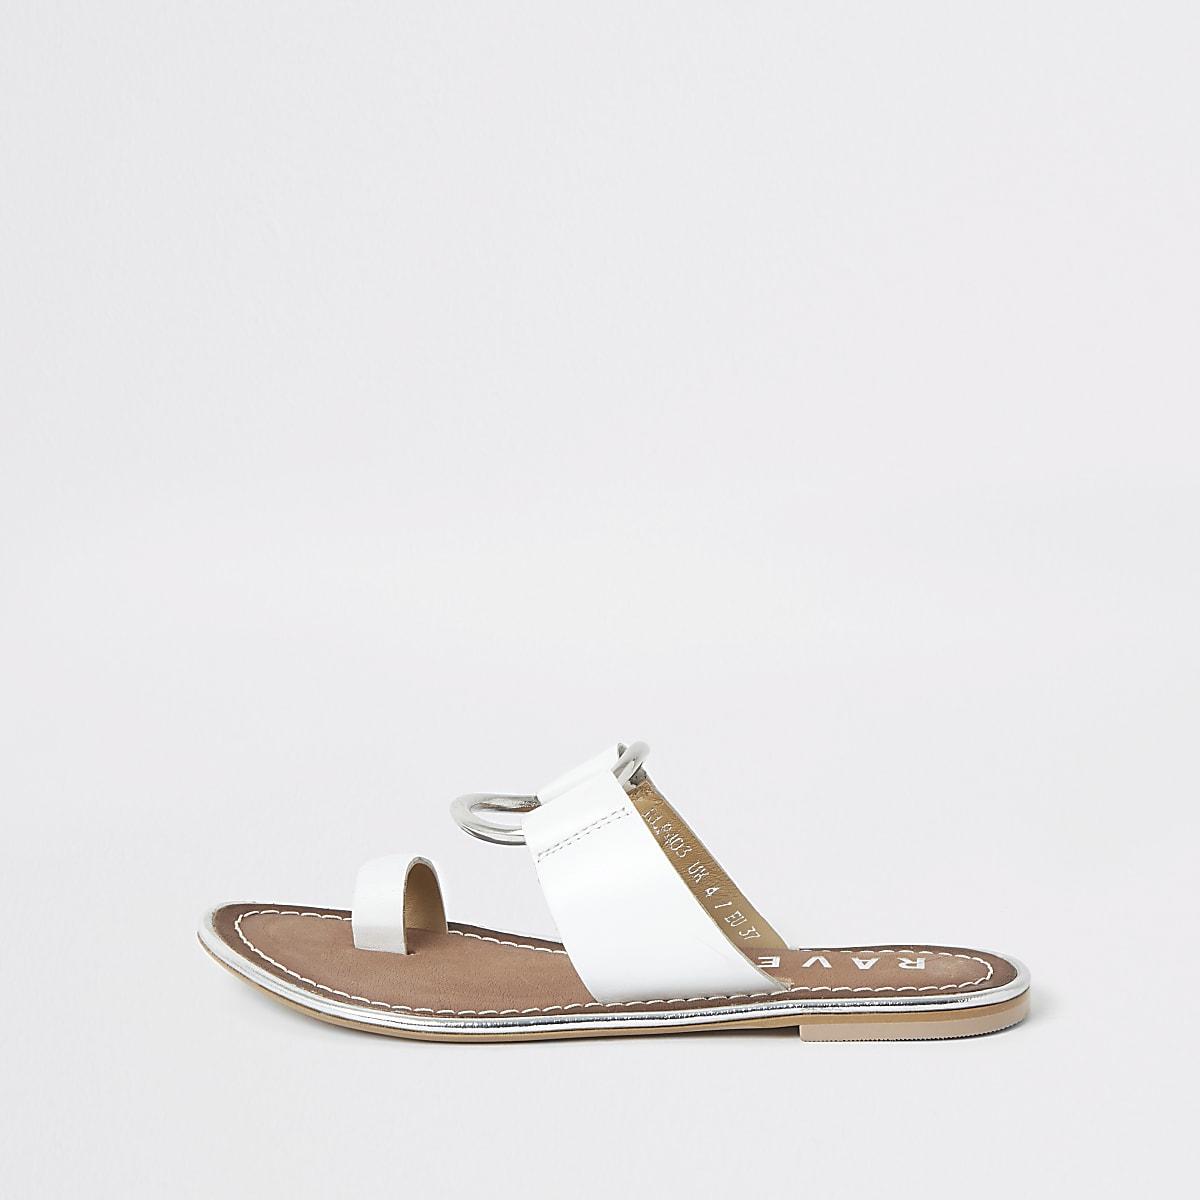 Ravel white ring front sandal